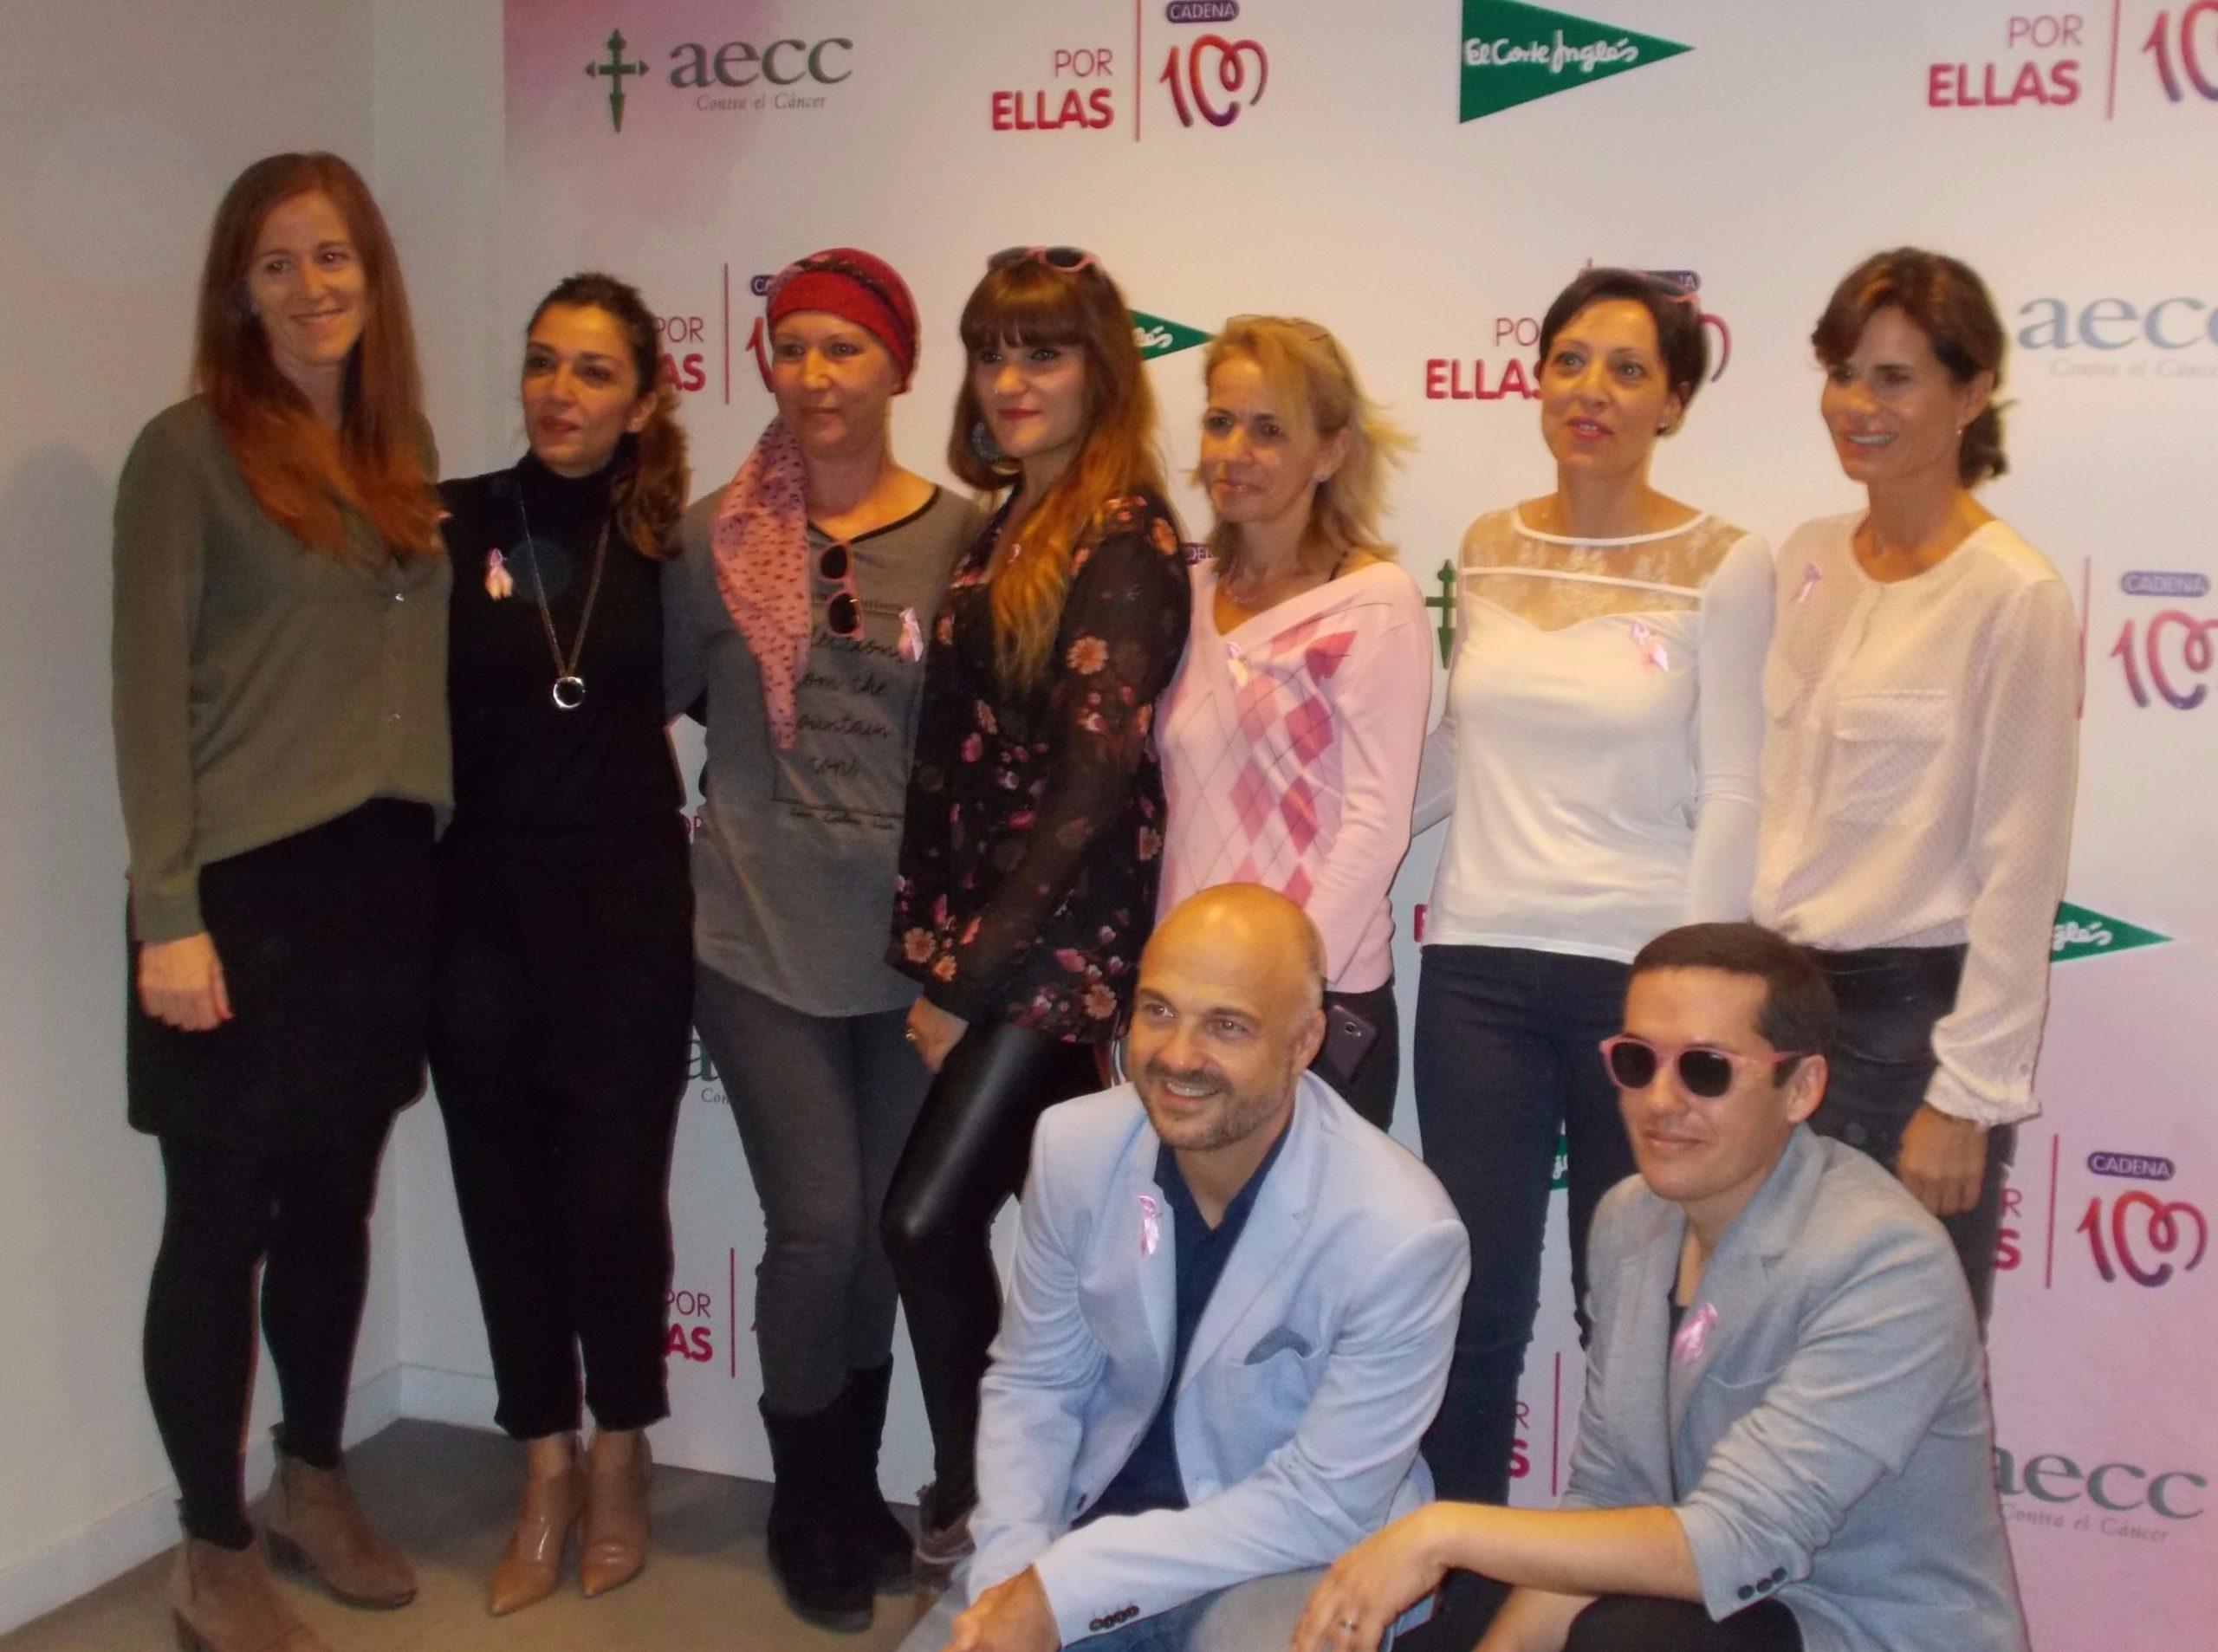 ARTÍCULO | Vivir, la canción de Rozalen para el concierto Por Ellas de Cadena 100